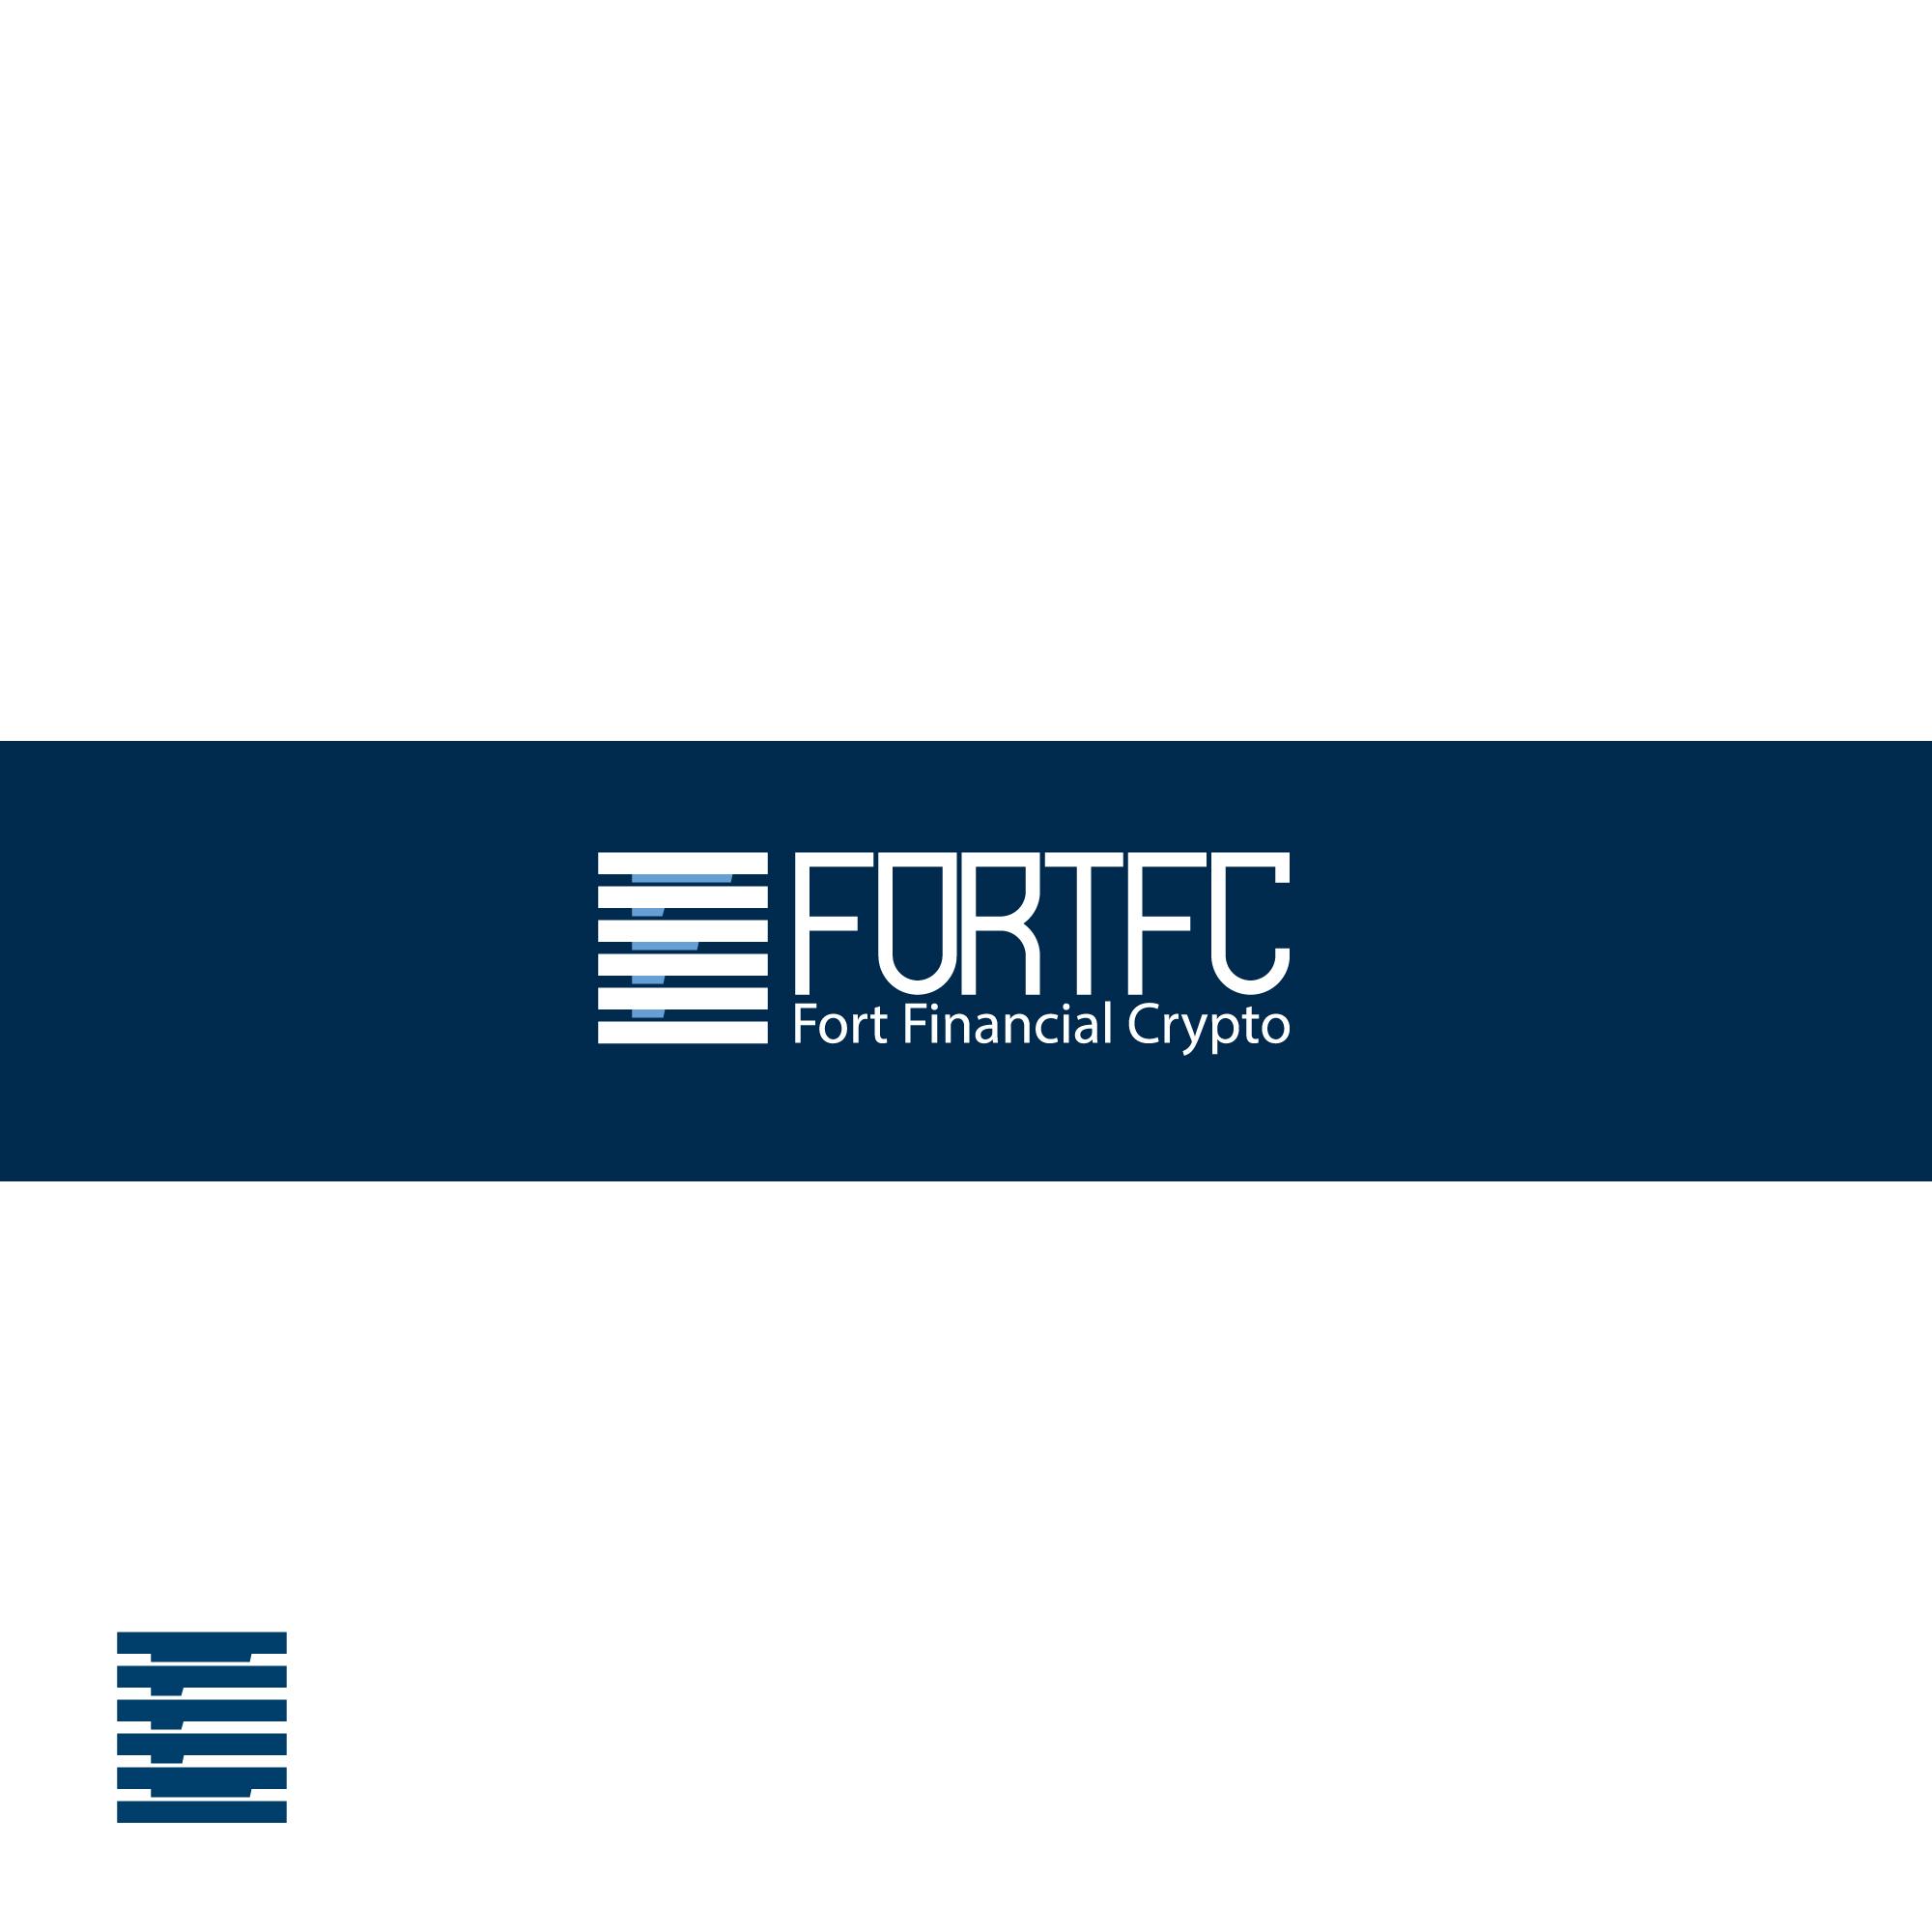 Разработка логотипа финансовой компании фото f_8795a872072ee49d.jpg